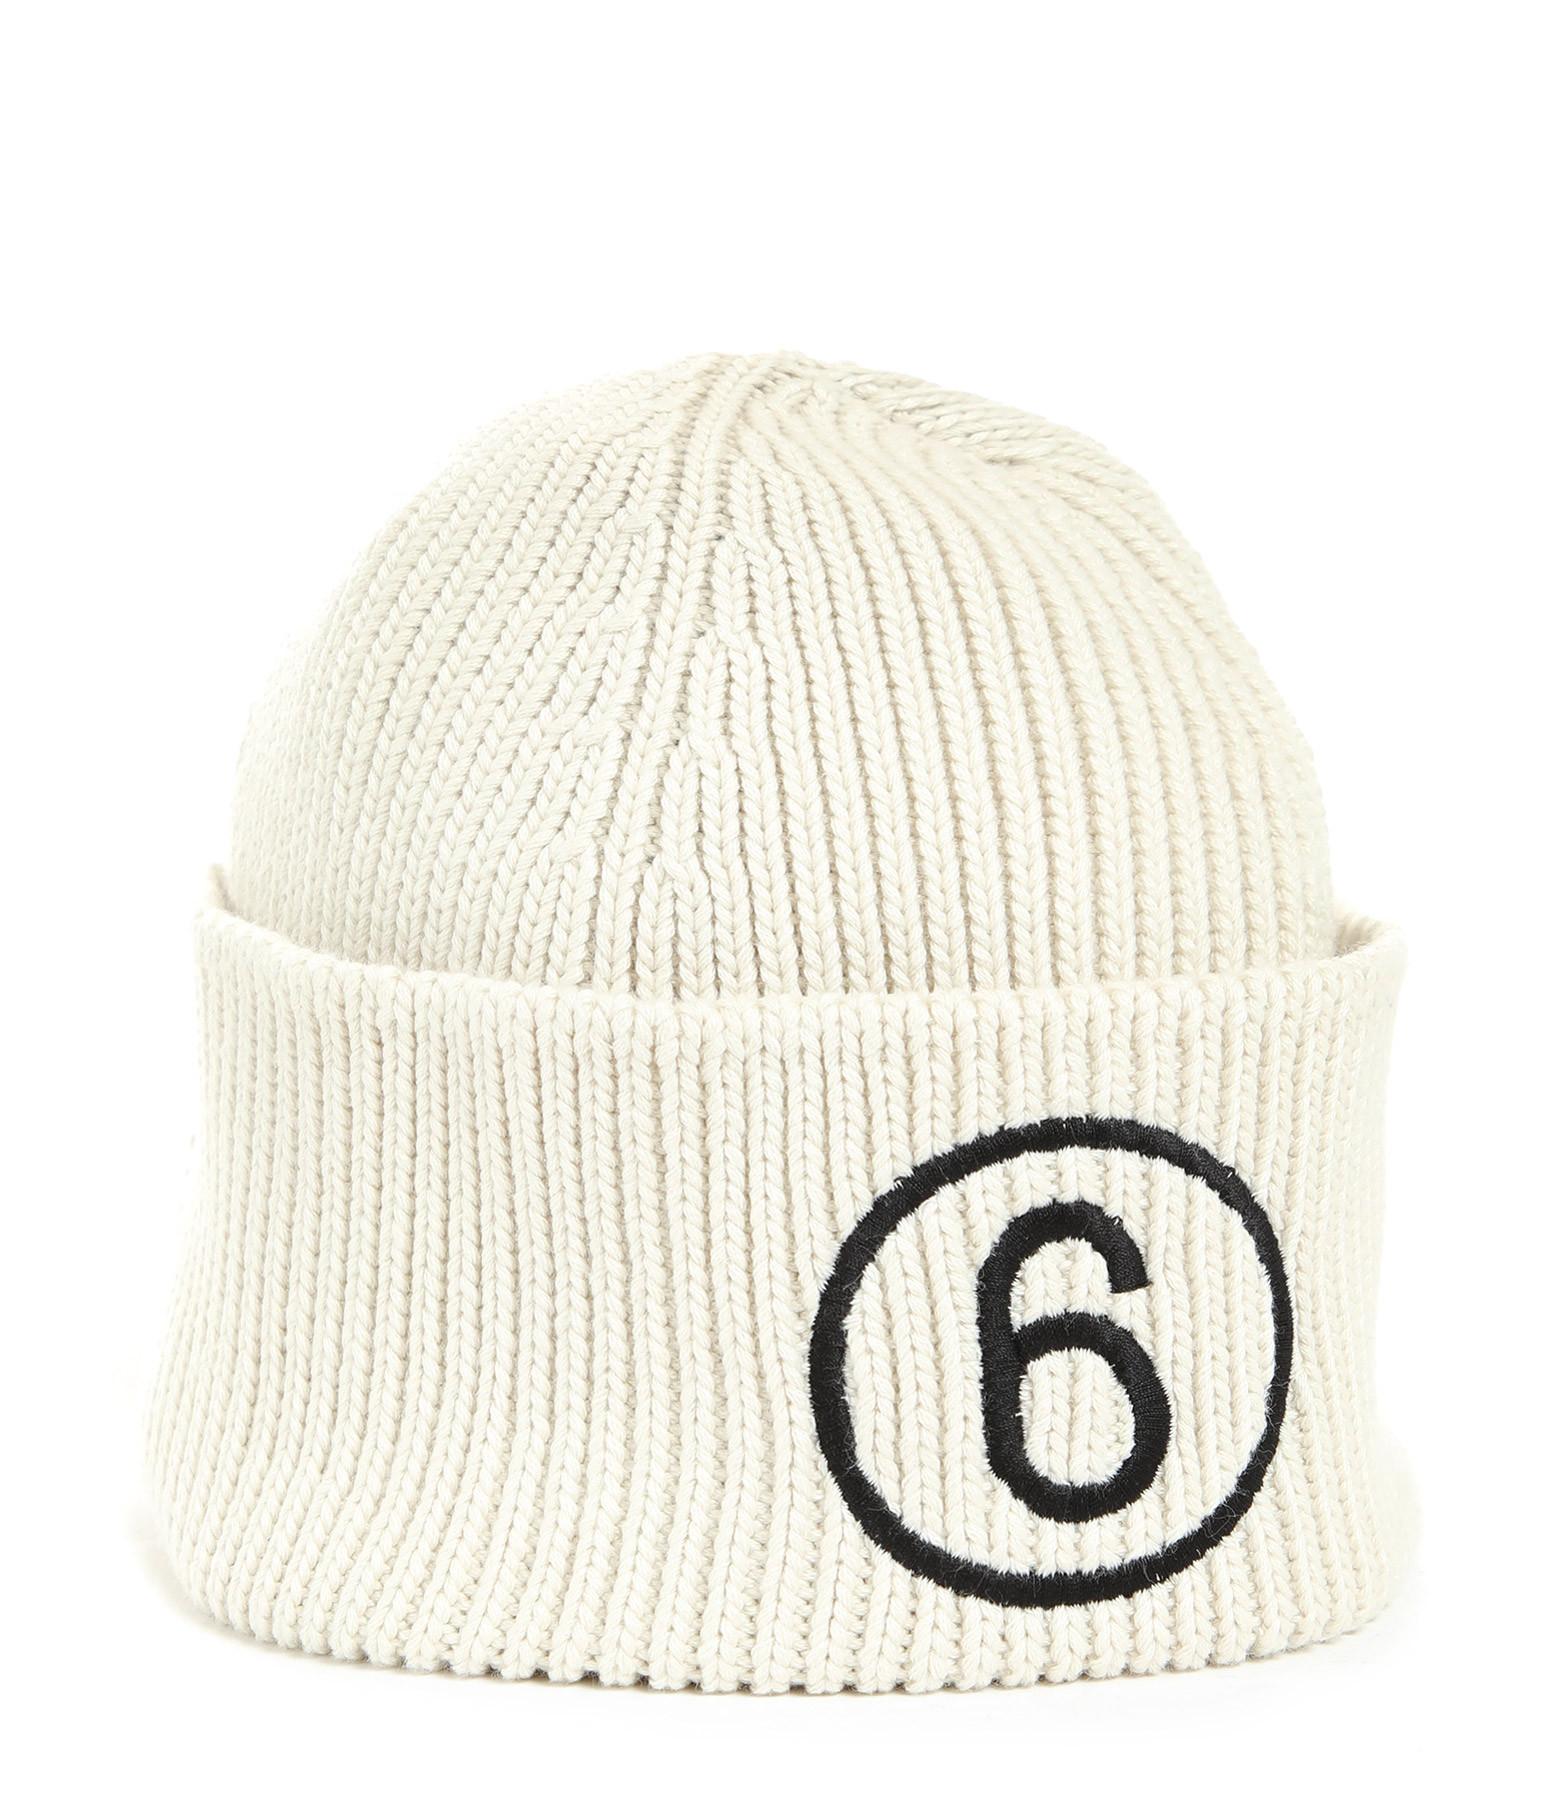 MM6 MAISON MARGIELA - Bonnet Logo Coton Beige